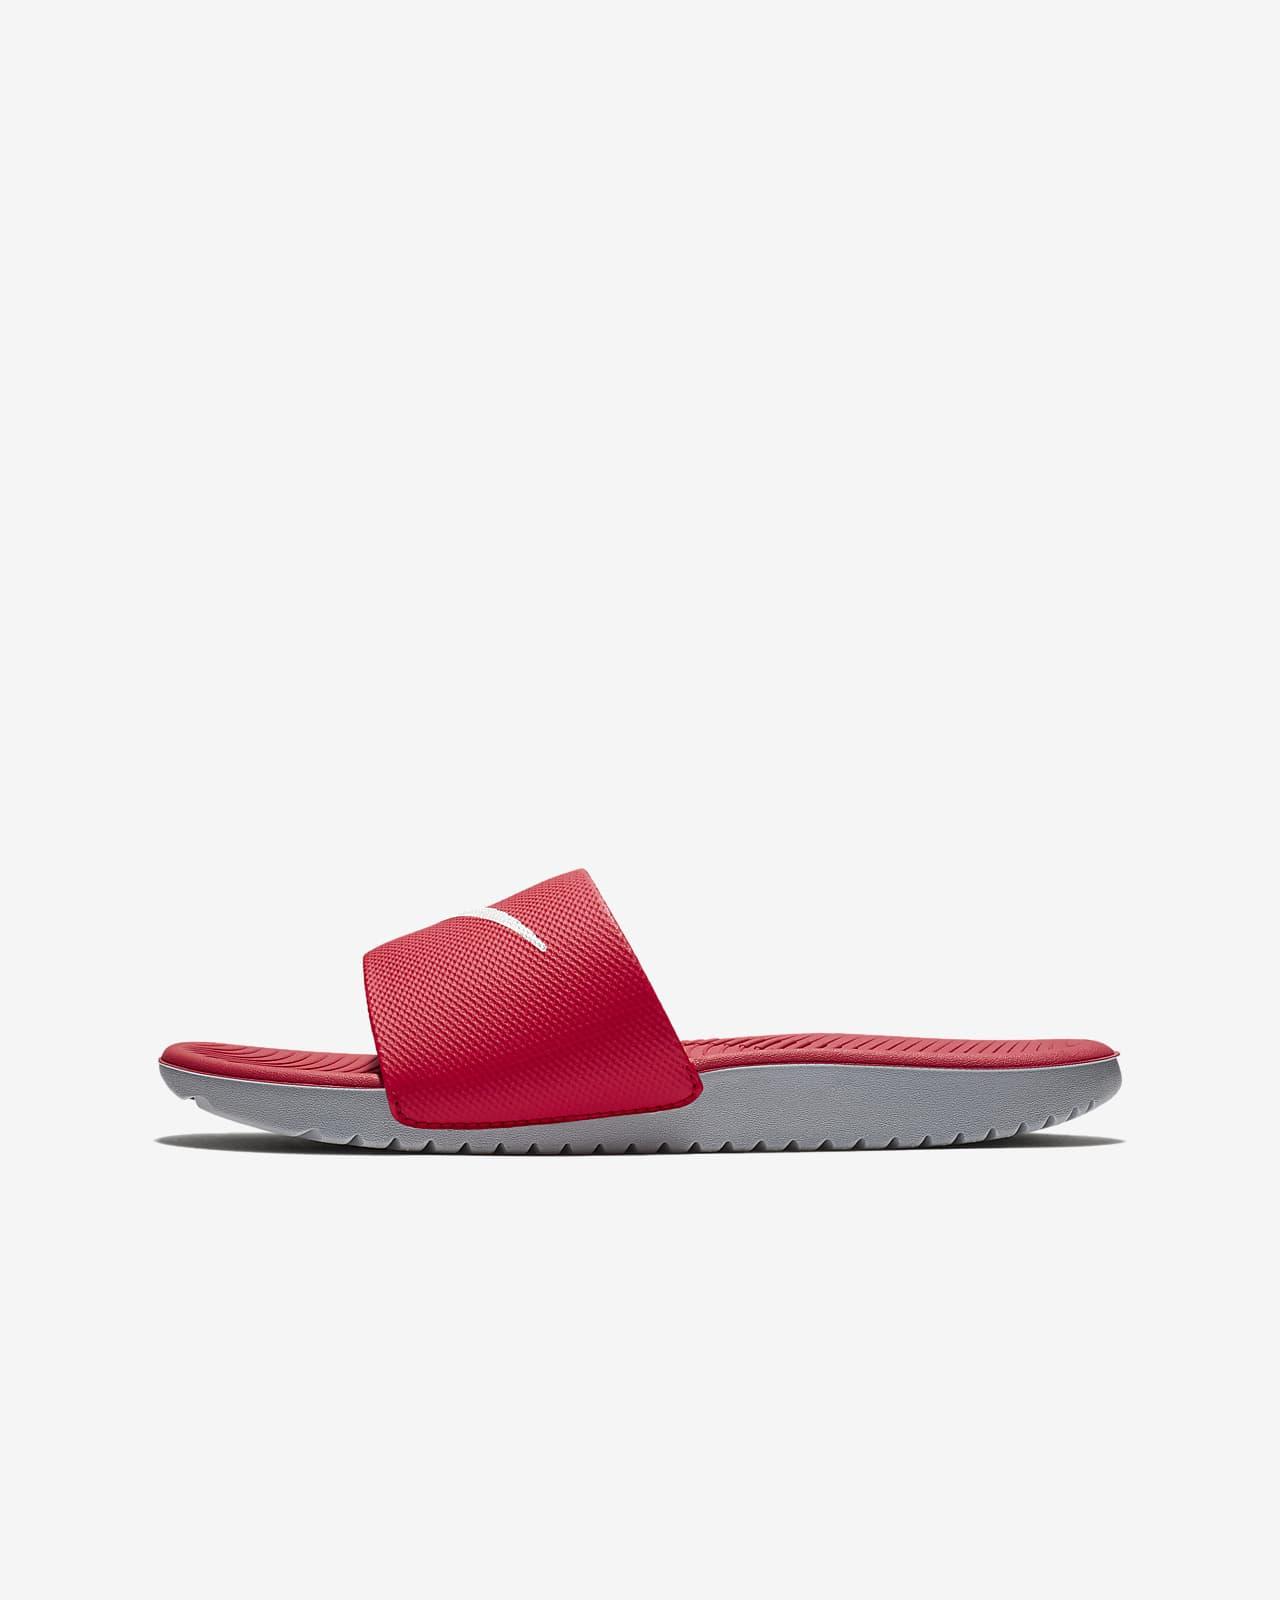 Nike Kawa Slipper kleuters/kids